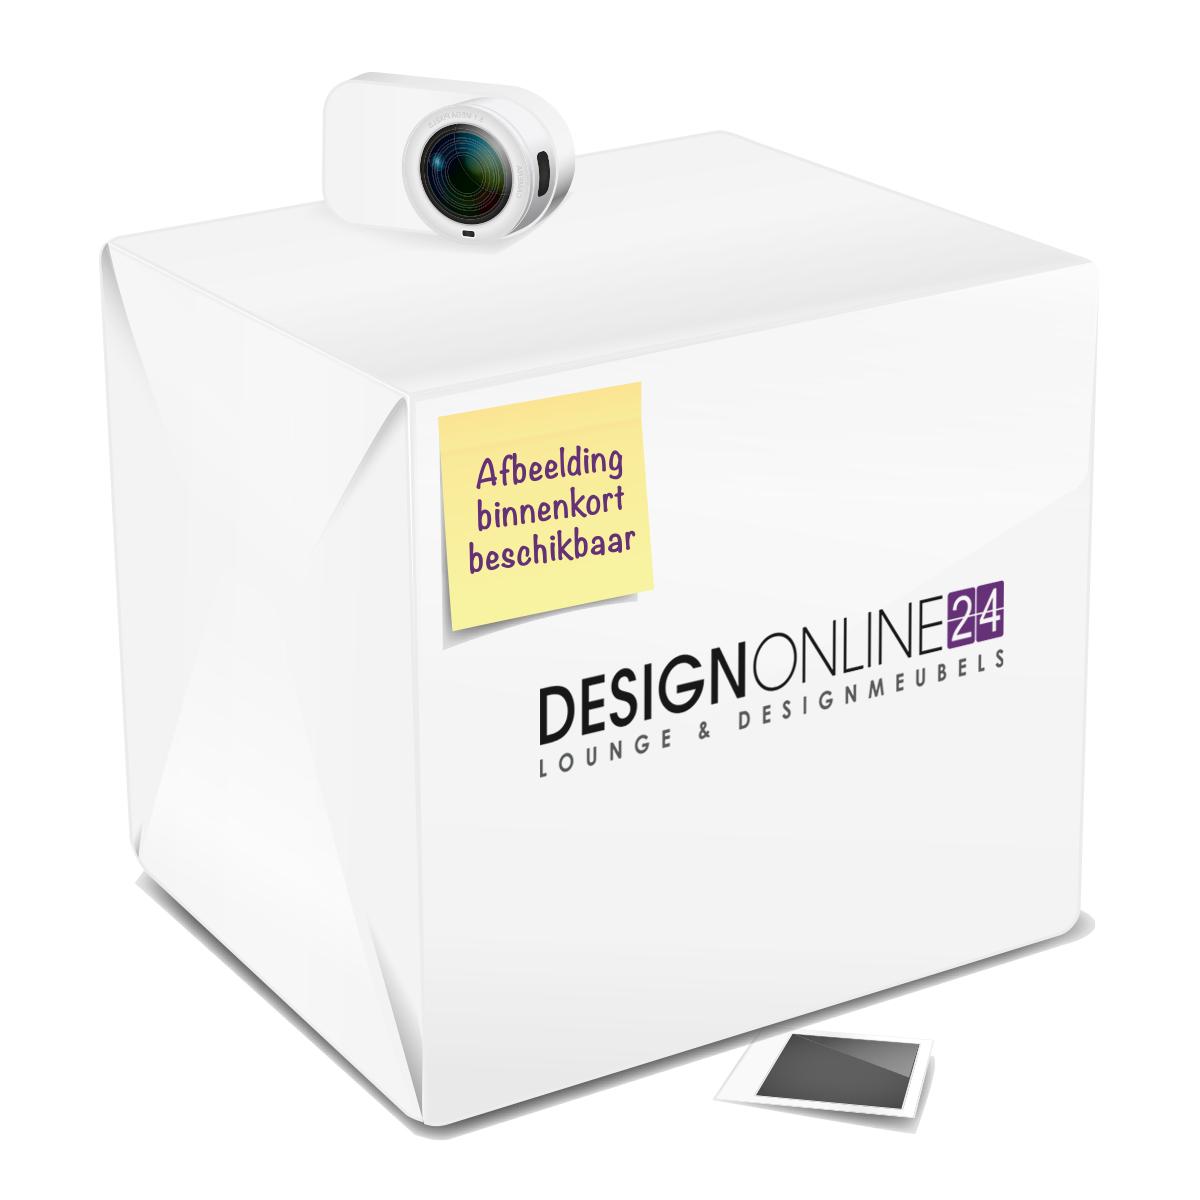 24Designs 24Designs Ligbed 1 persoons - Sandy - Verstelbaar - Zandkleurig Polyrattan Wicker met Crèmewitte kussens